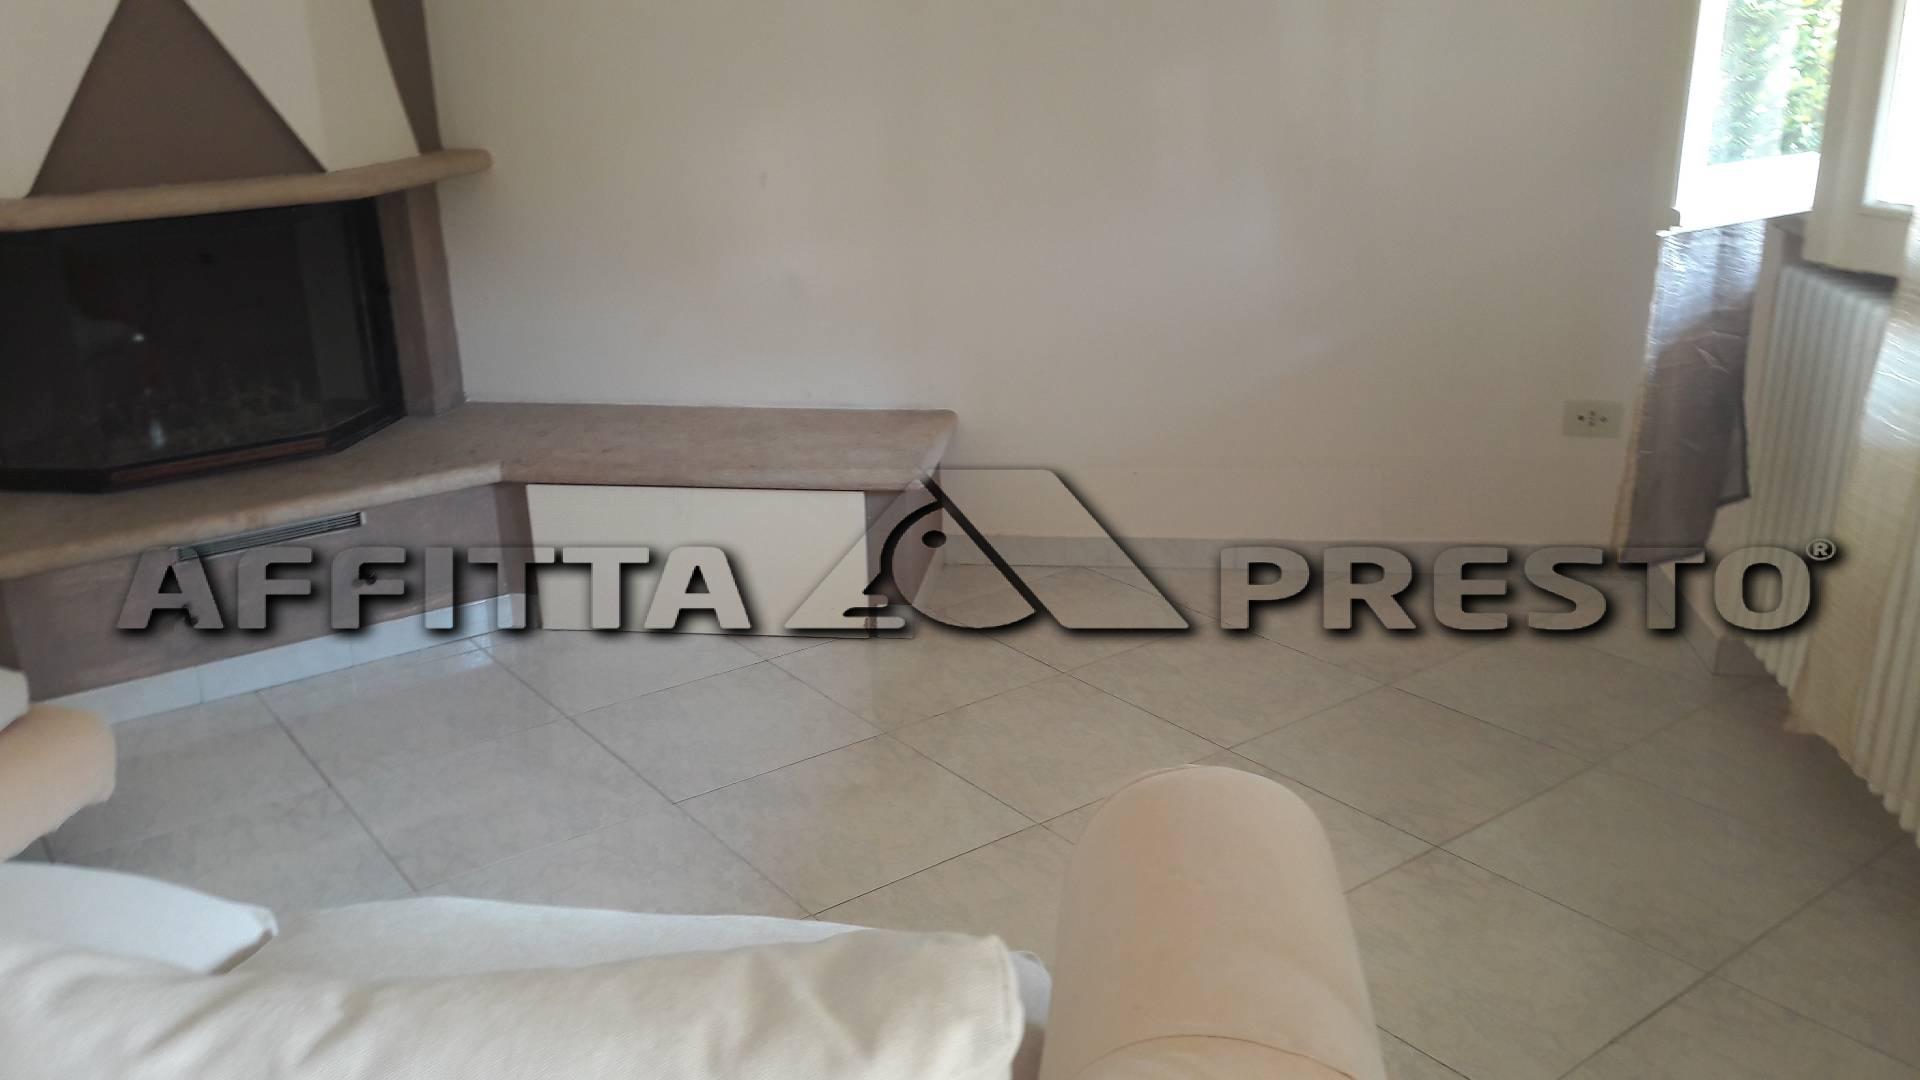 Appartamento in affitto a Gambettola, 4 locali, zona Località: Gambettola, prezzo € 1.000 | Cambio Casa.it